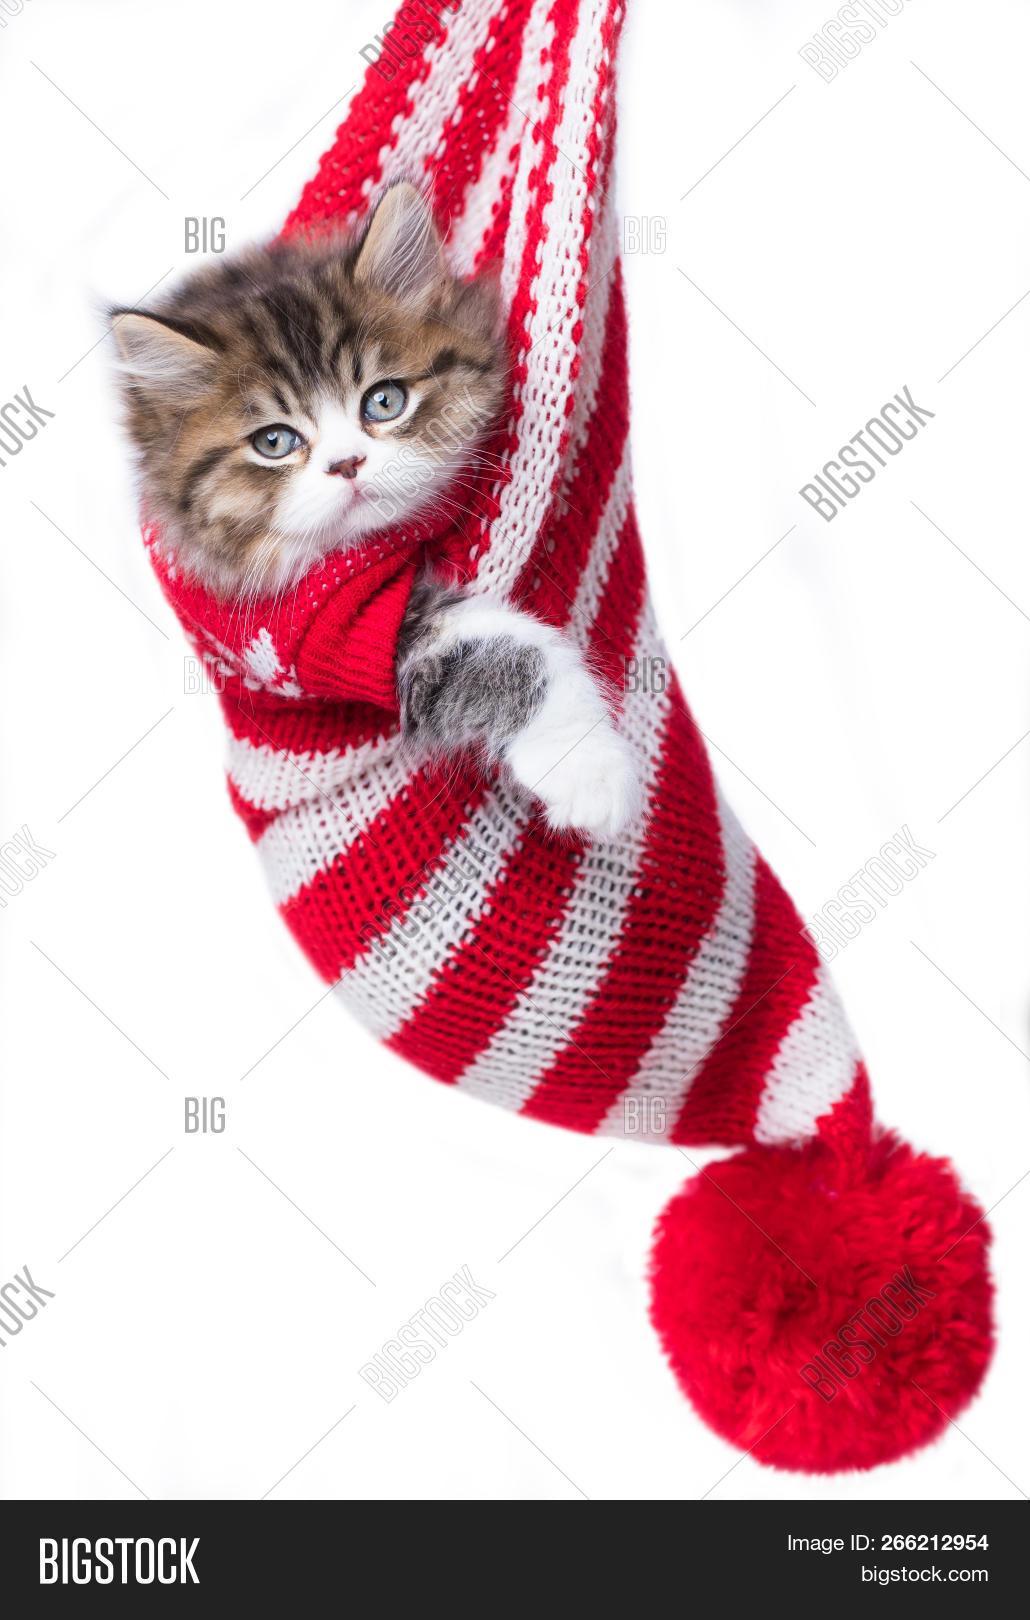 Kitten Wearing Image & Photo (Free Trial) | Bigstock